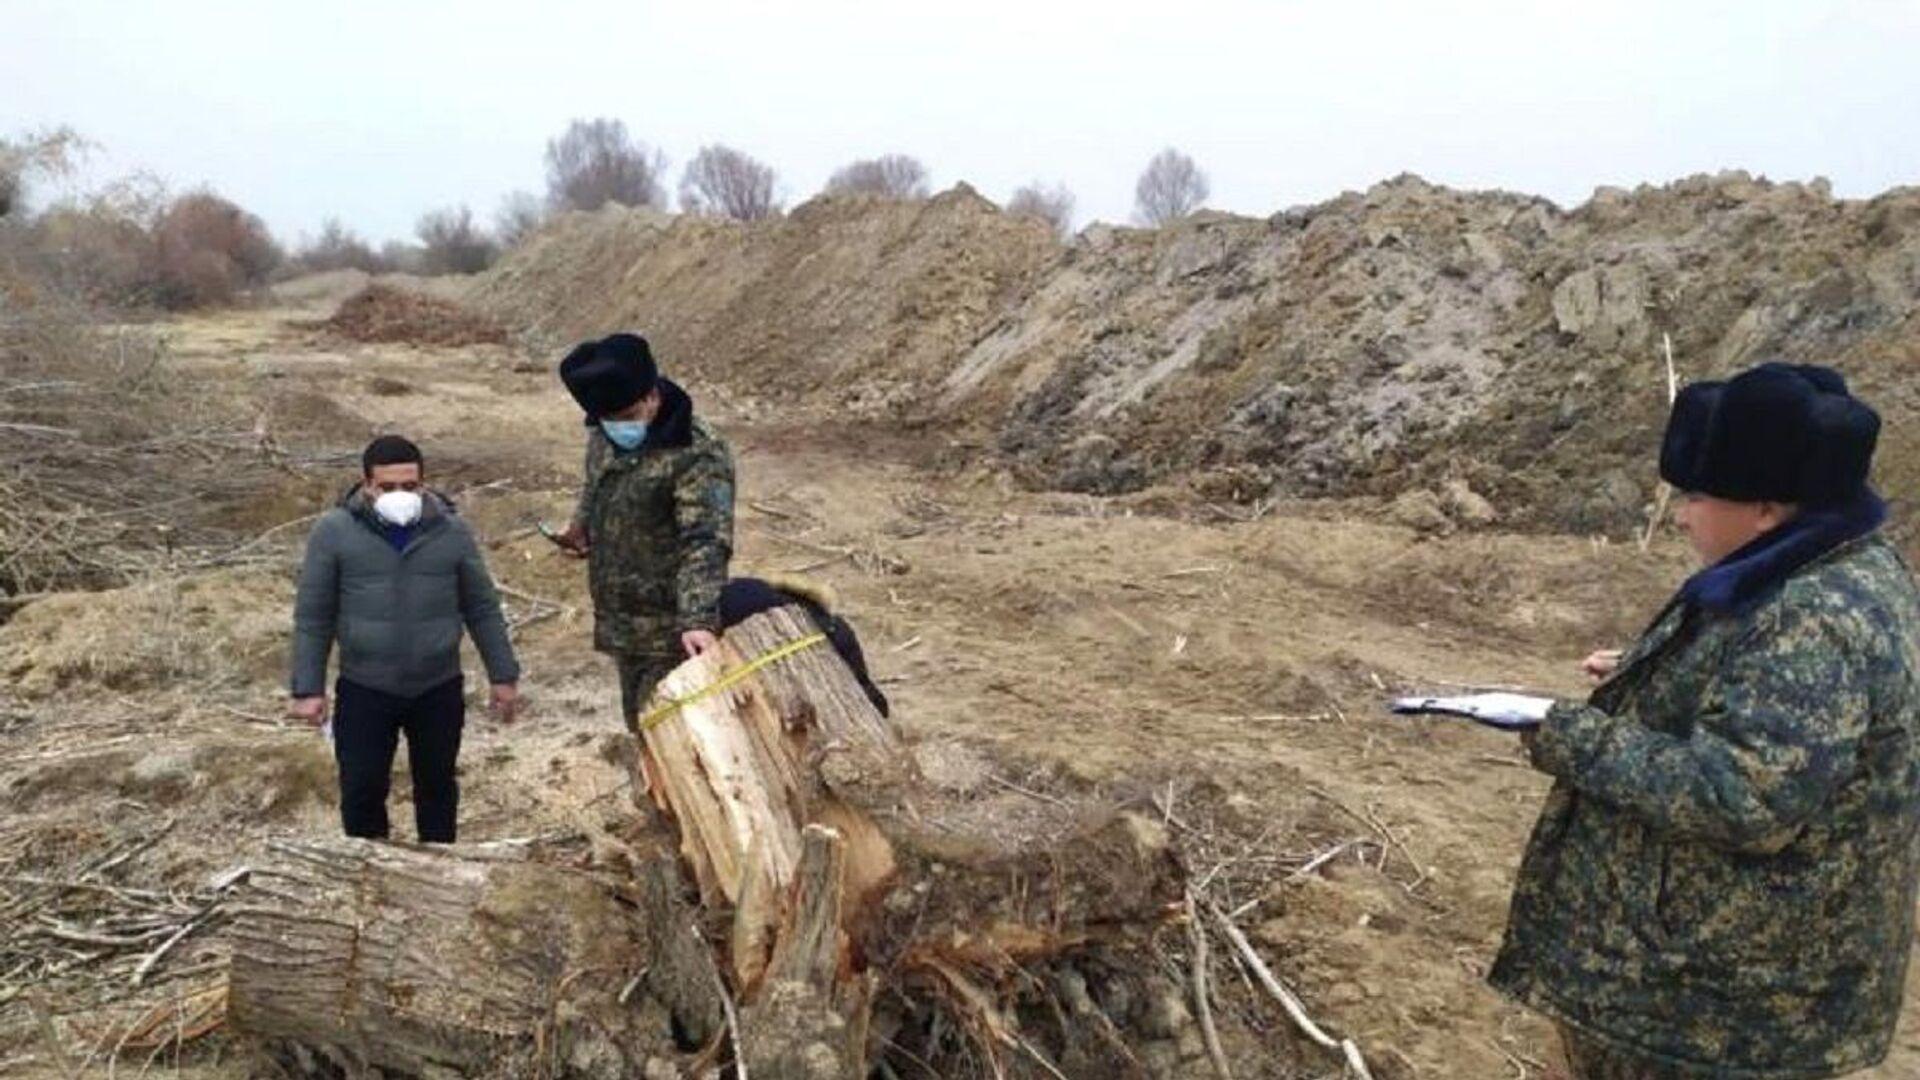 В Куйичирчикском районе Ташкентской области обнаружена вырубка 52 деревьев. - Sputnik Узбекистан, 1920, 24.08.2021